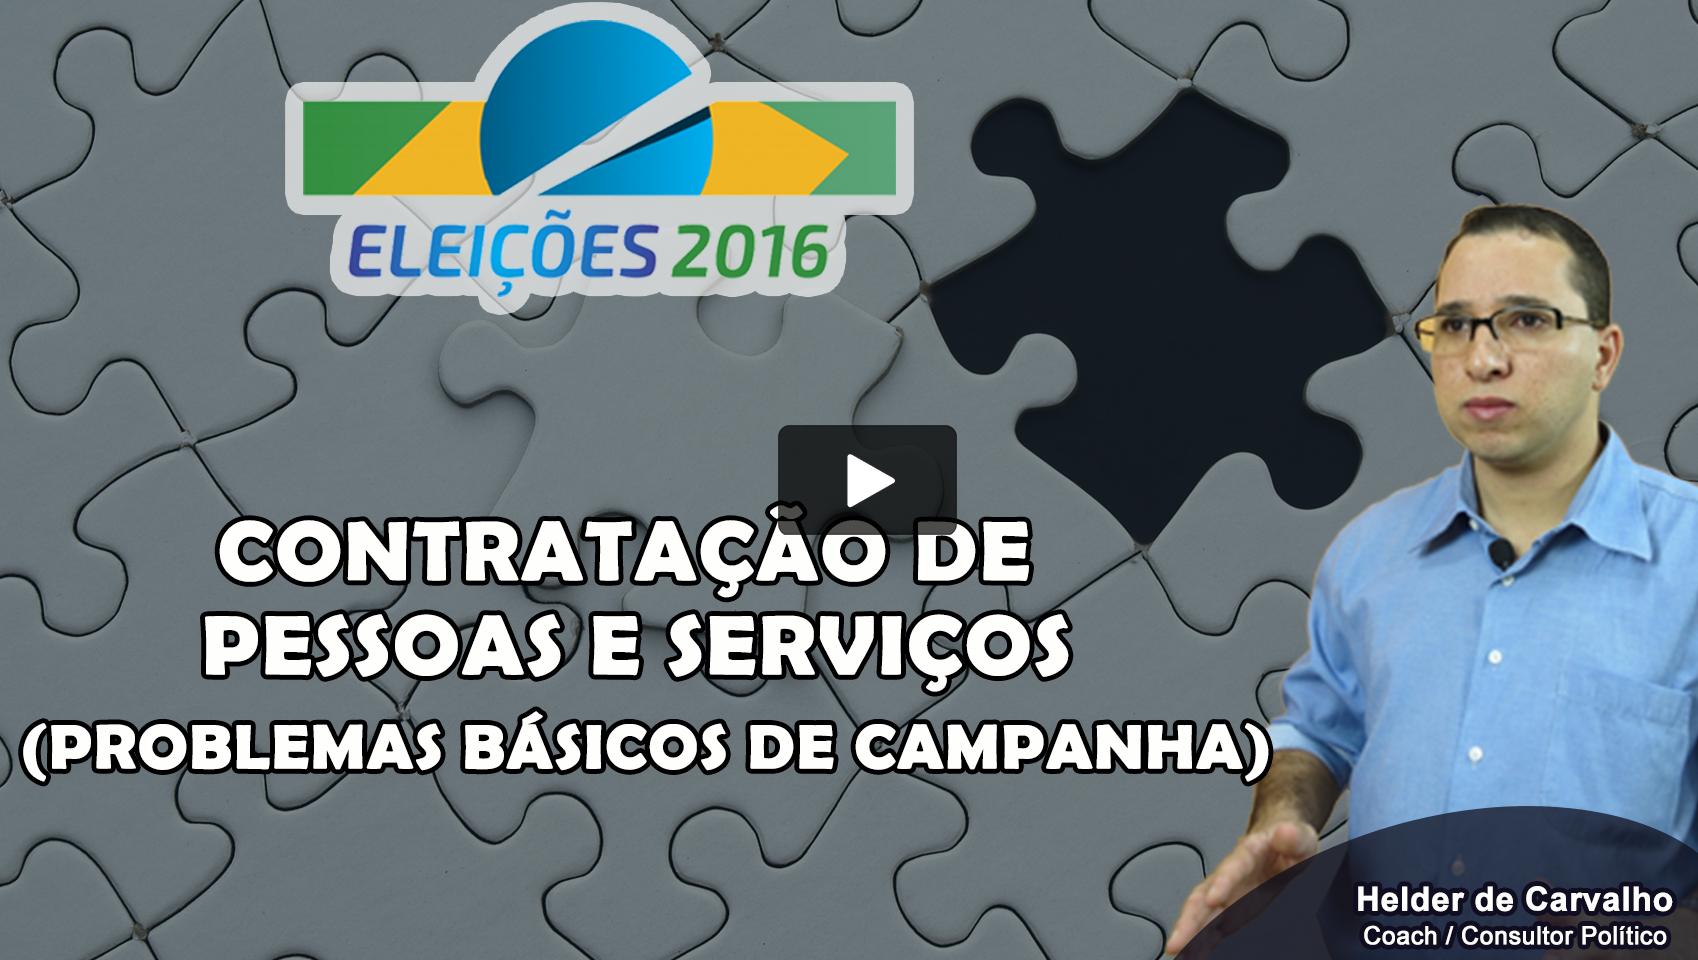 Eleições 2016 – Problemas básicos de campanha – Contratação de Pessoas e Serviços